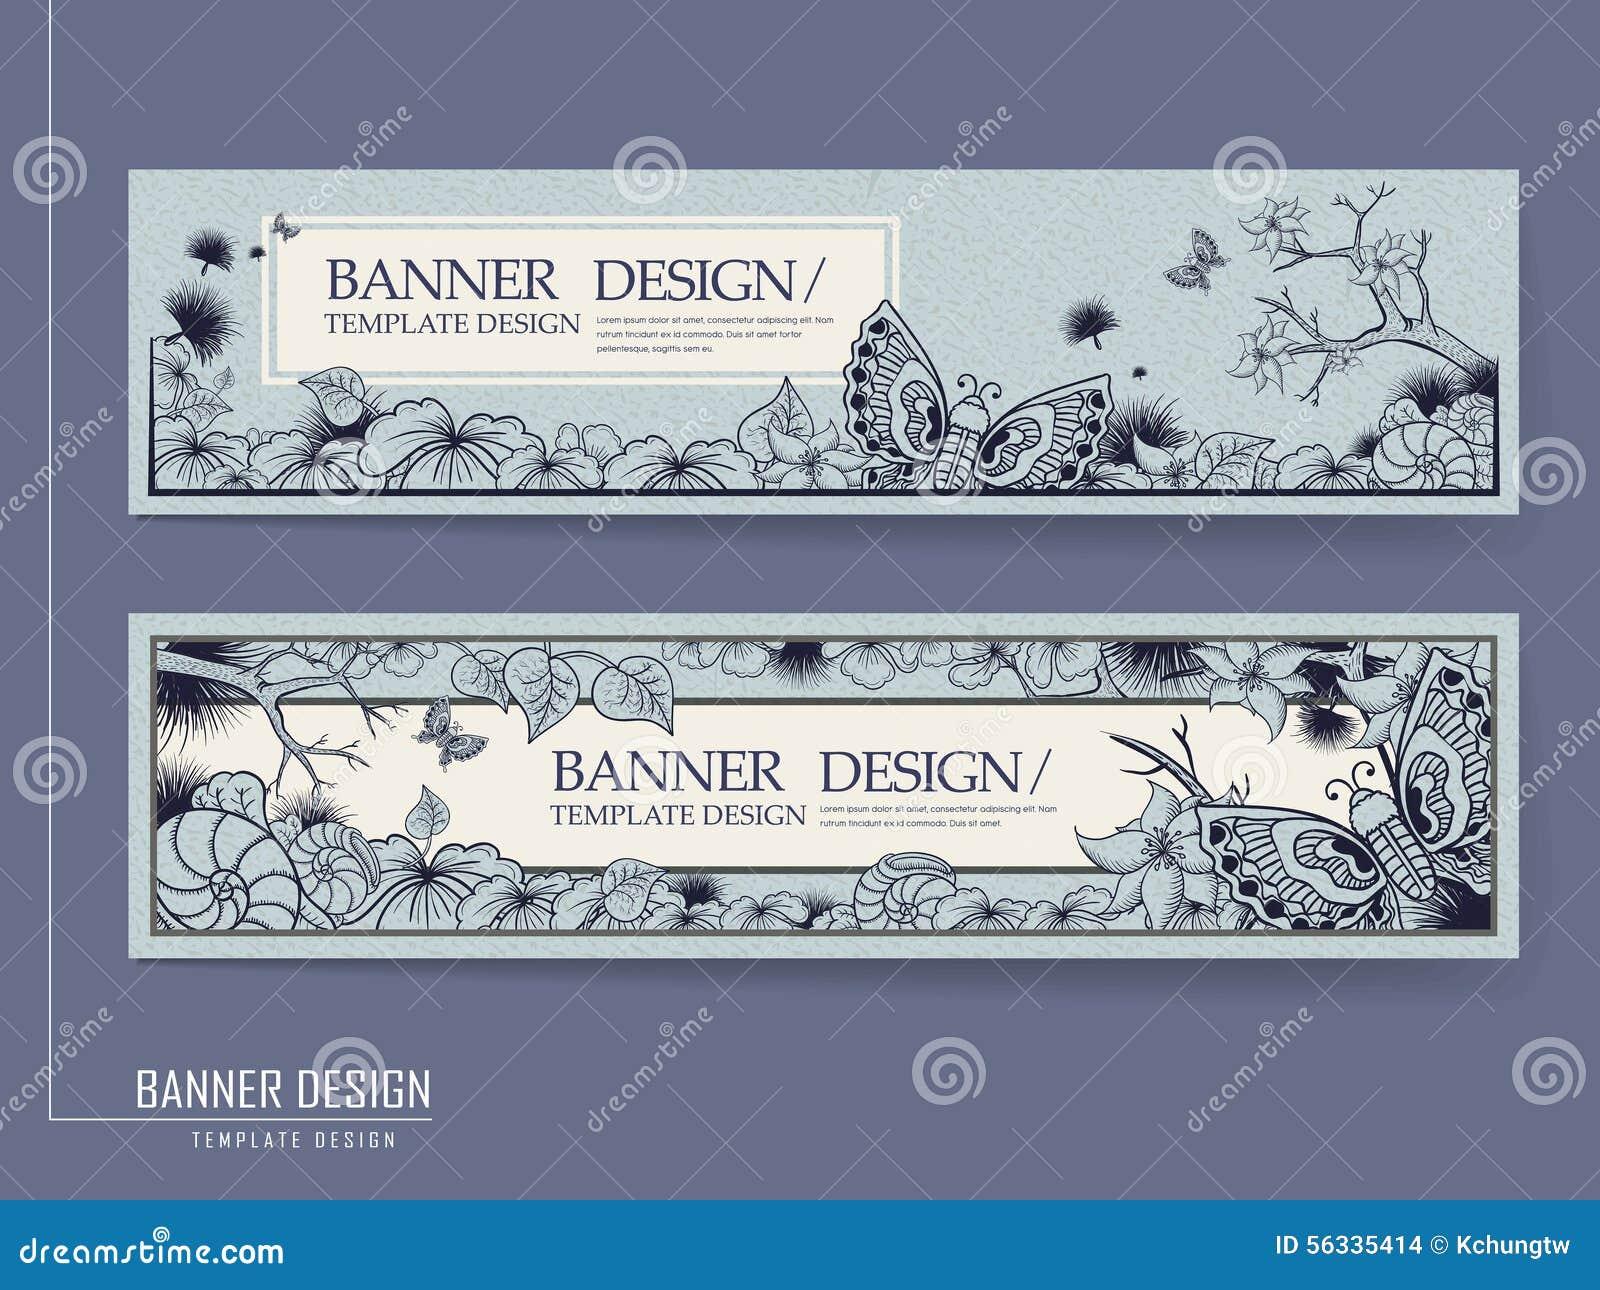 Грациозно дизайн знамени с бабочками